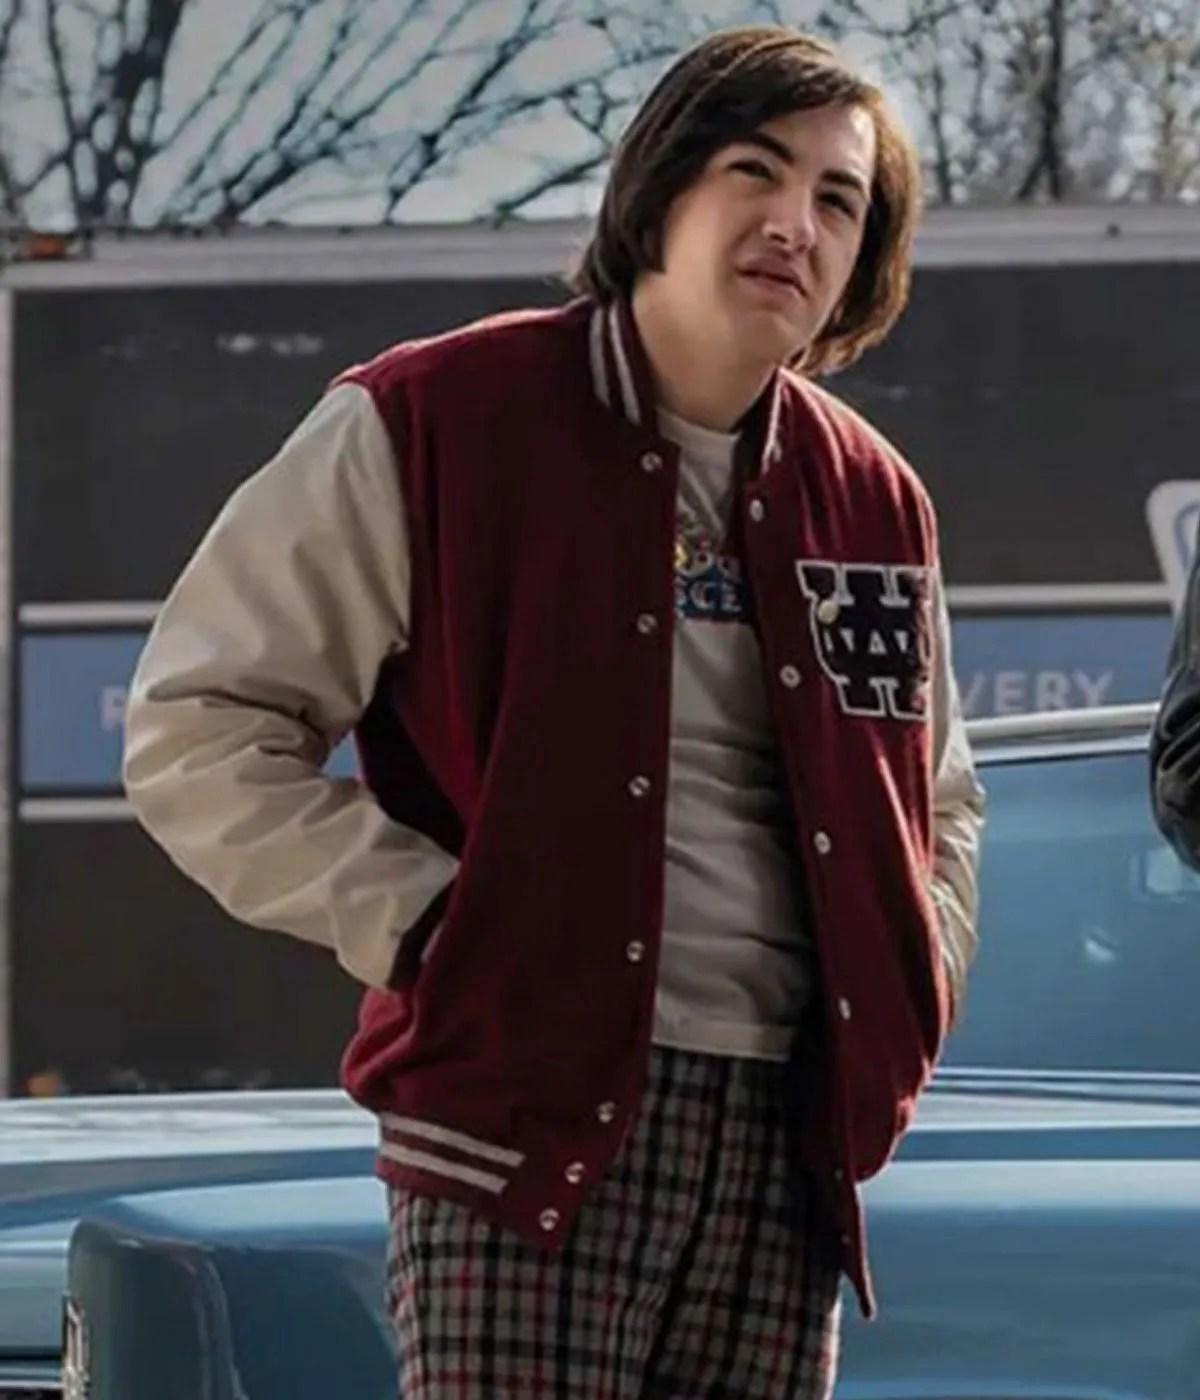 tony-soprano-letterman-jacket